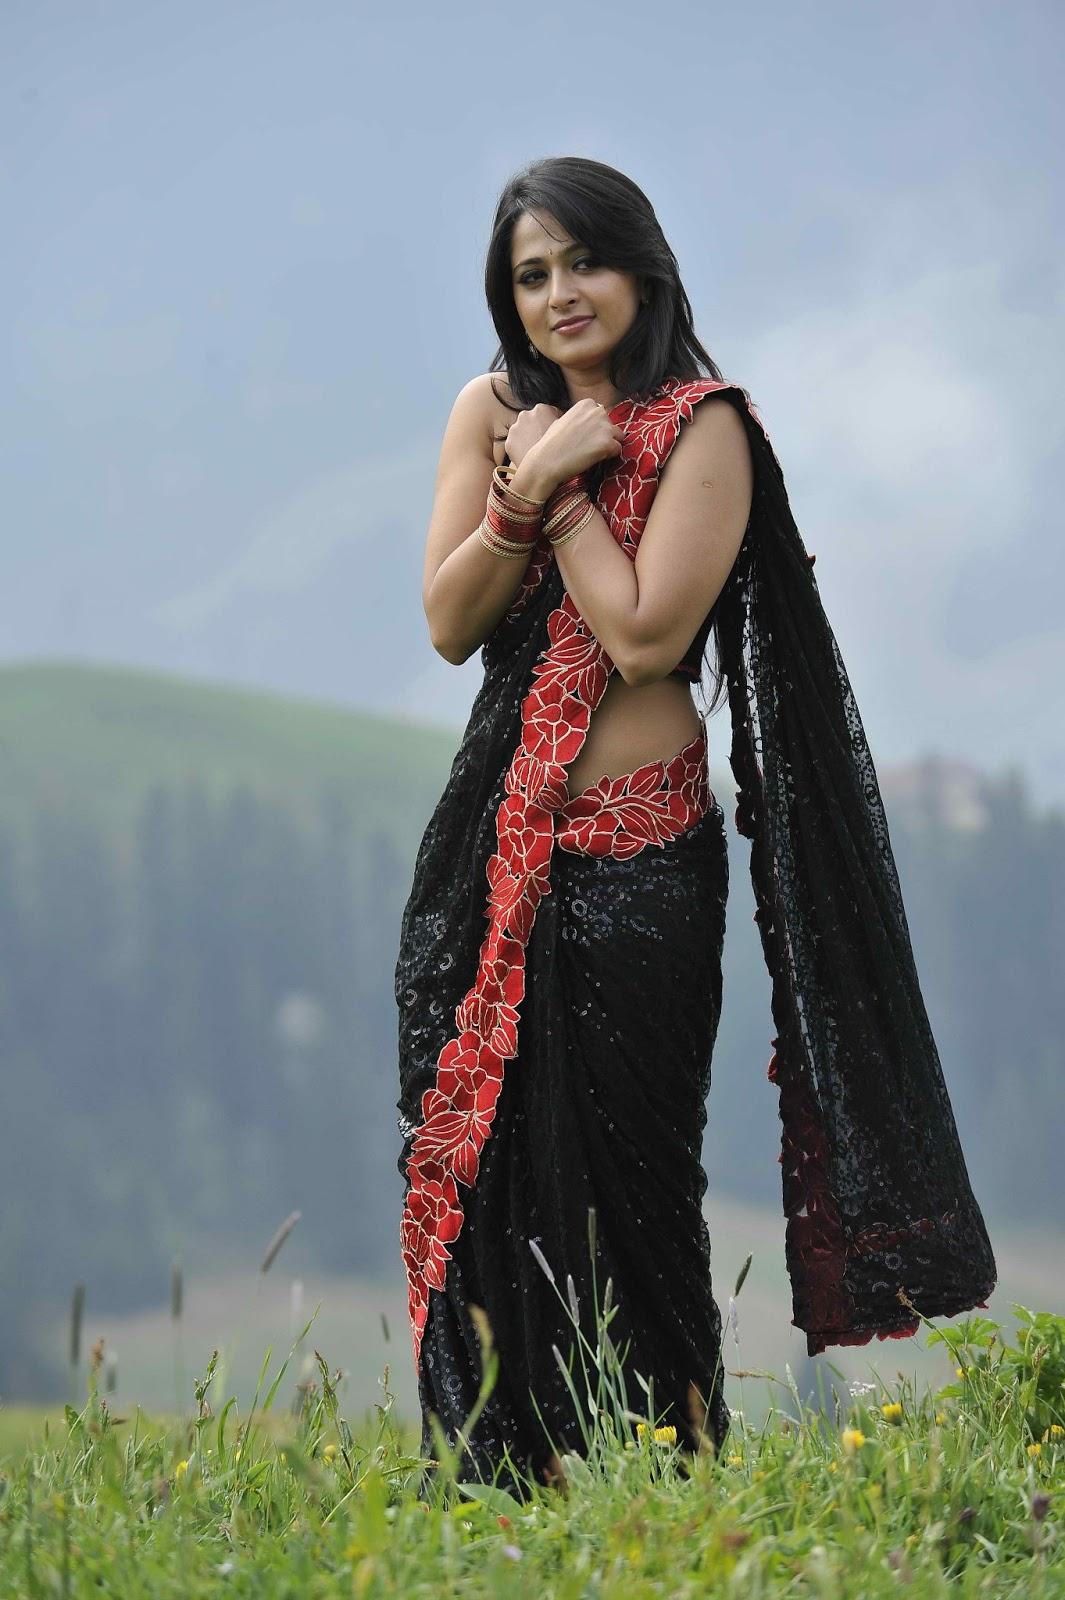 Anushka shetty hot pic